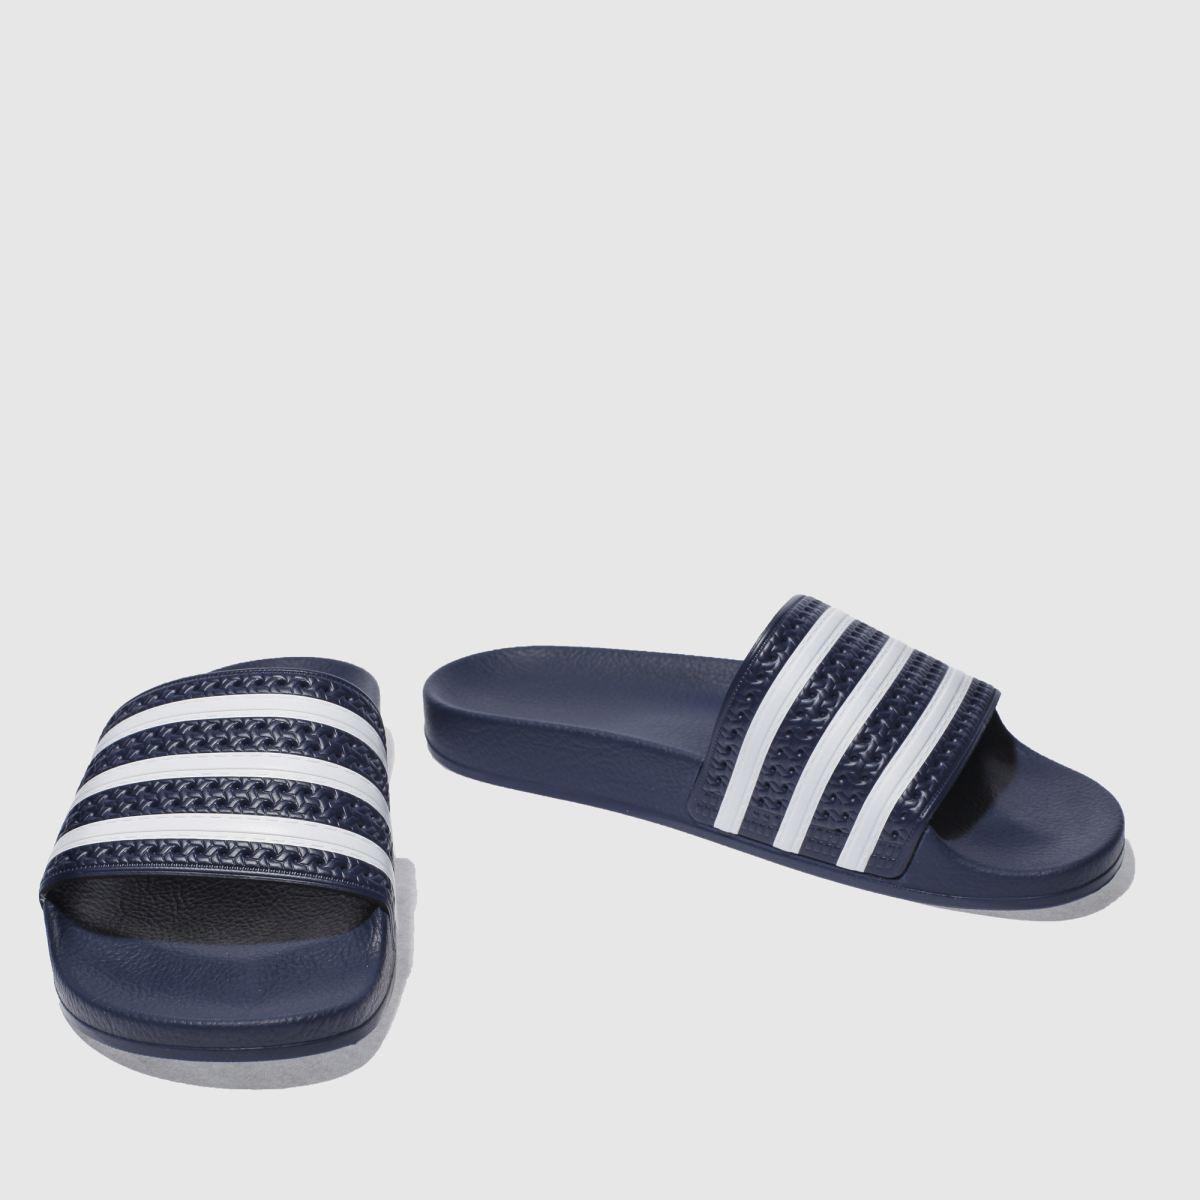 Herren Marineblau adidas Adilette Slide Sandalen | schuh Gute Gute Gute Qualität beliebte Schuhe 9d6b0f